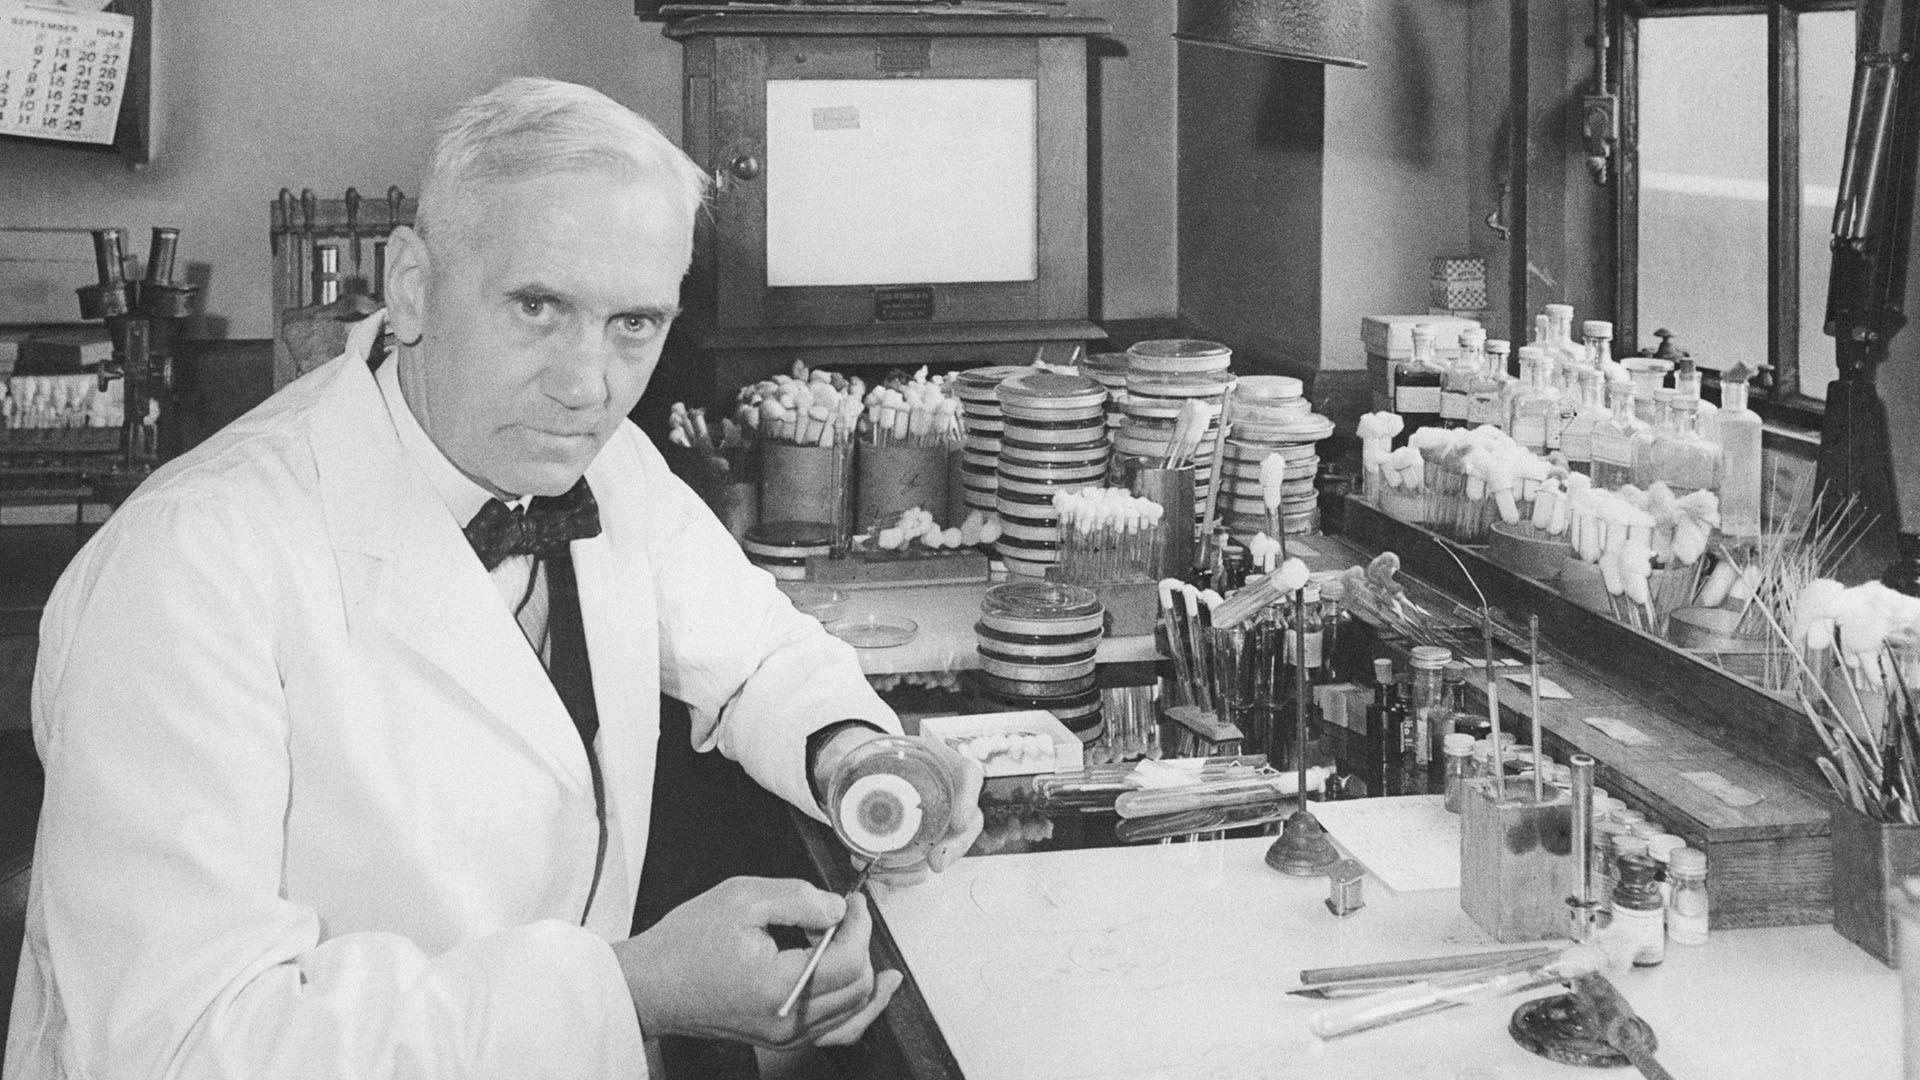 البنسيلين .. ثورة في الطب